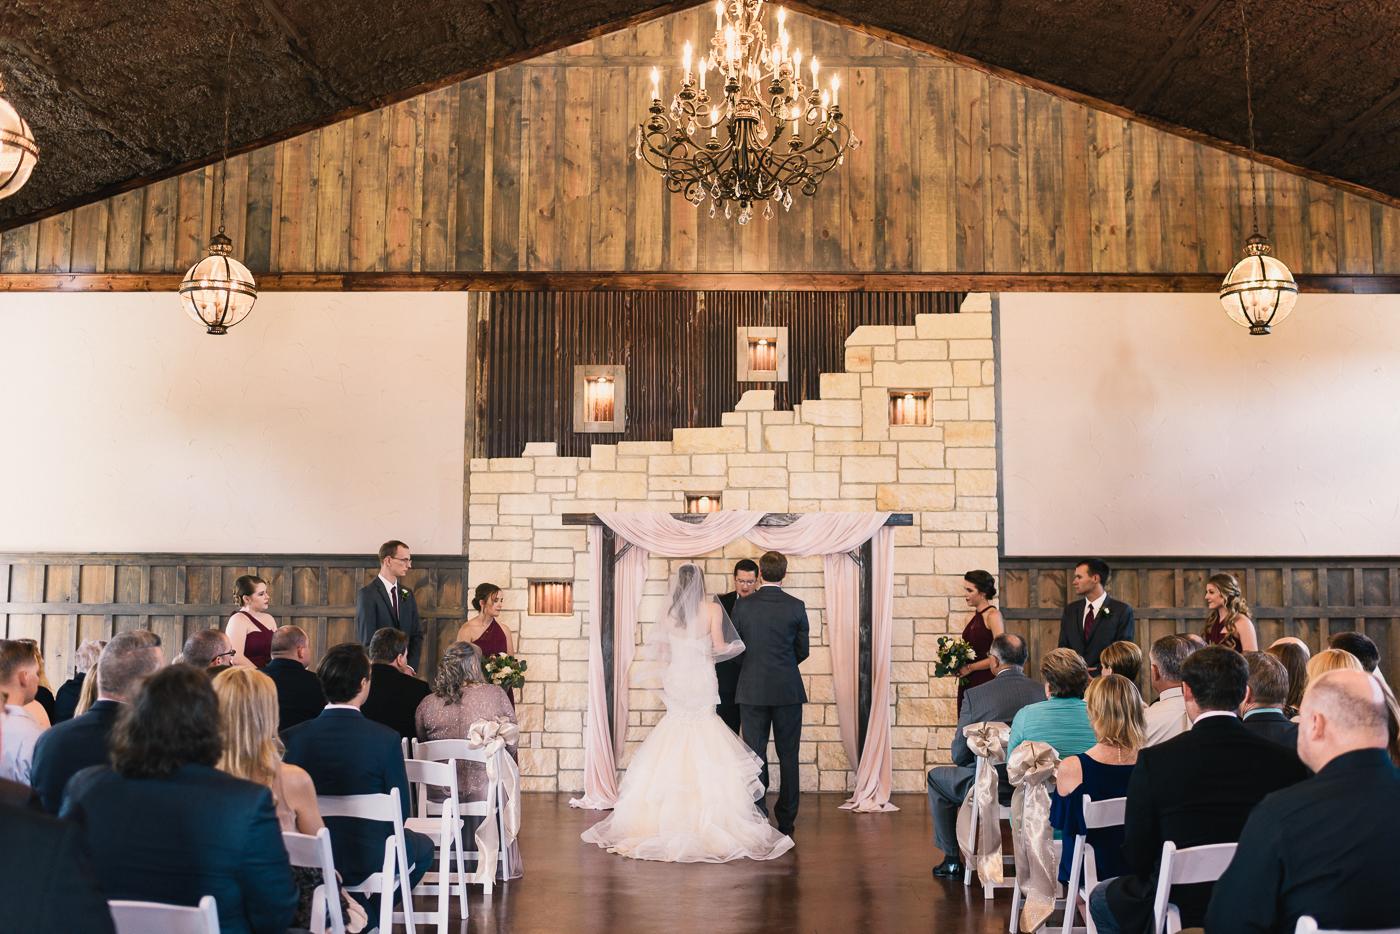 wedding ceremony bride and groom wedding arch